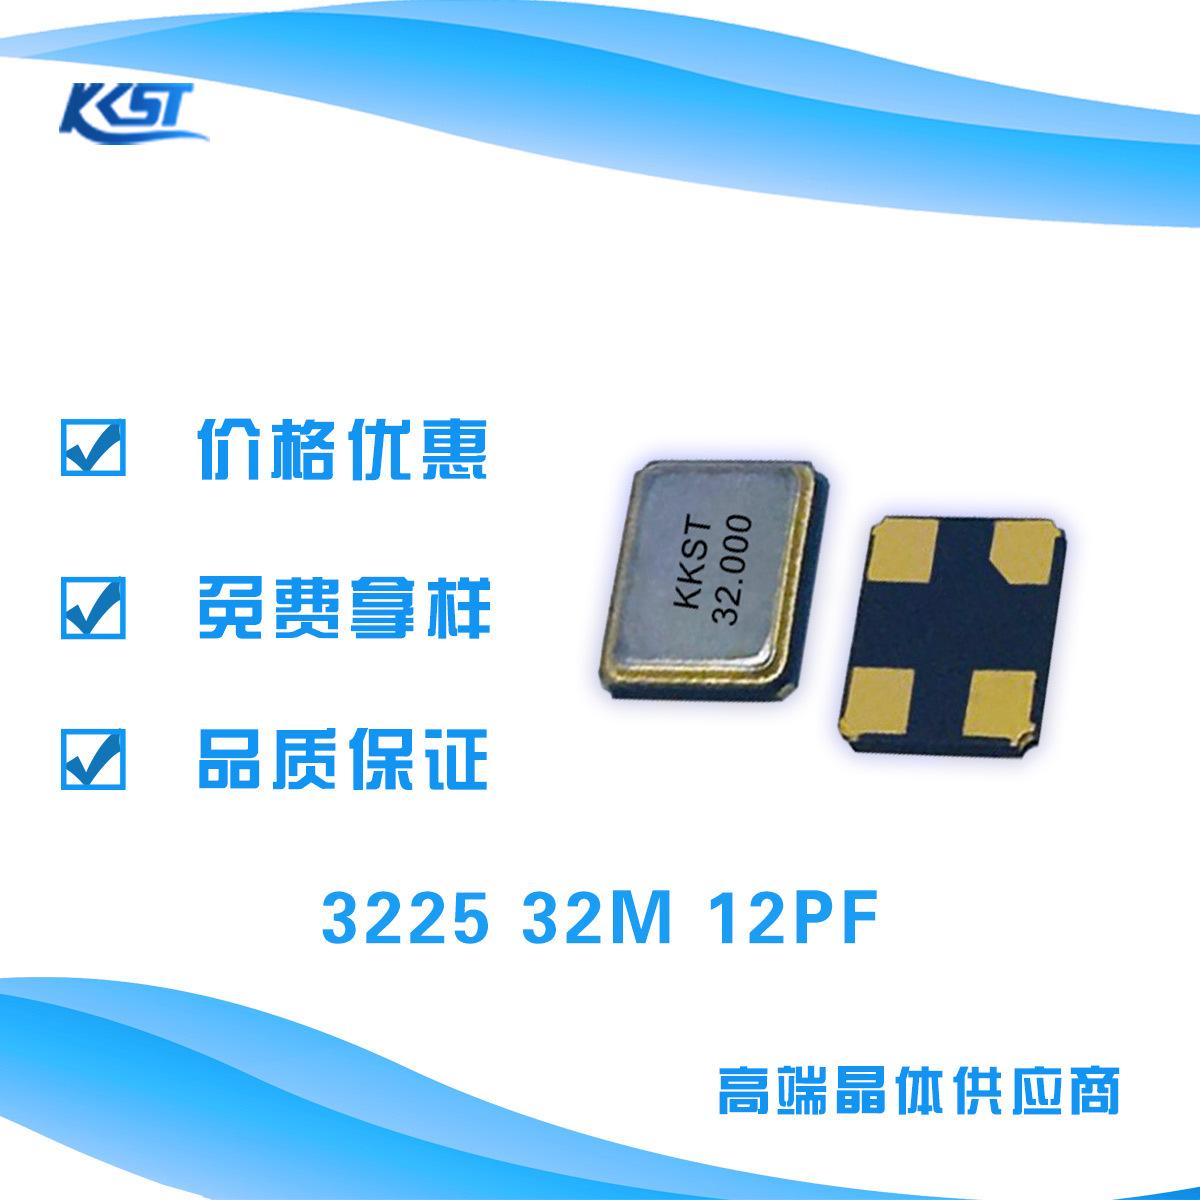 廠家直銷正品 3225 32M 12PF 無源晶振 貼片4腳 諧振器 3.2*2.5